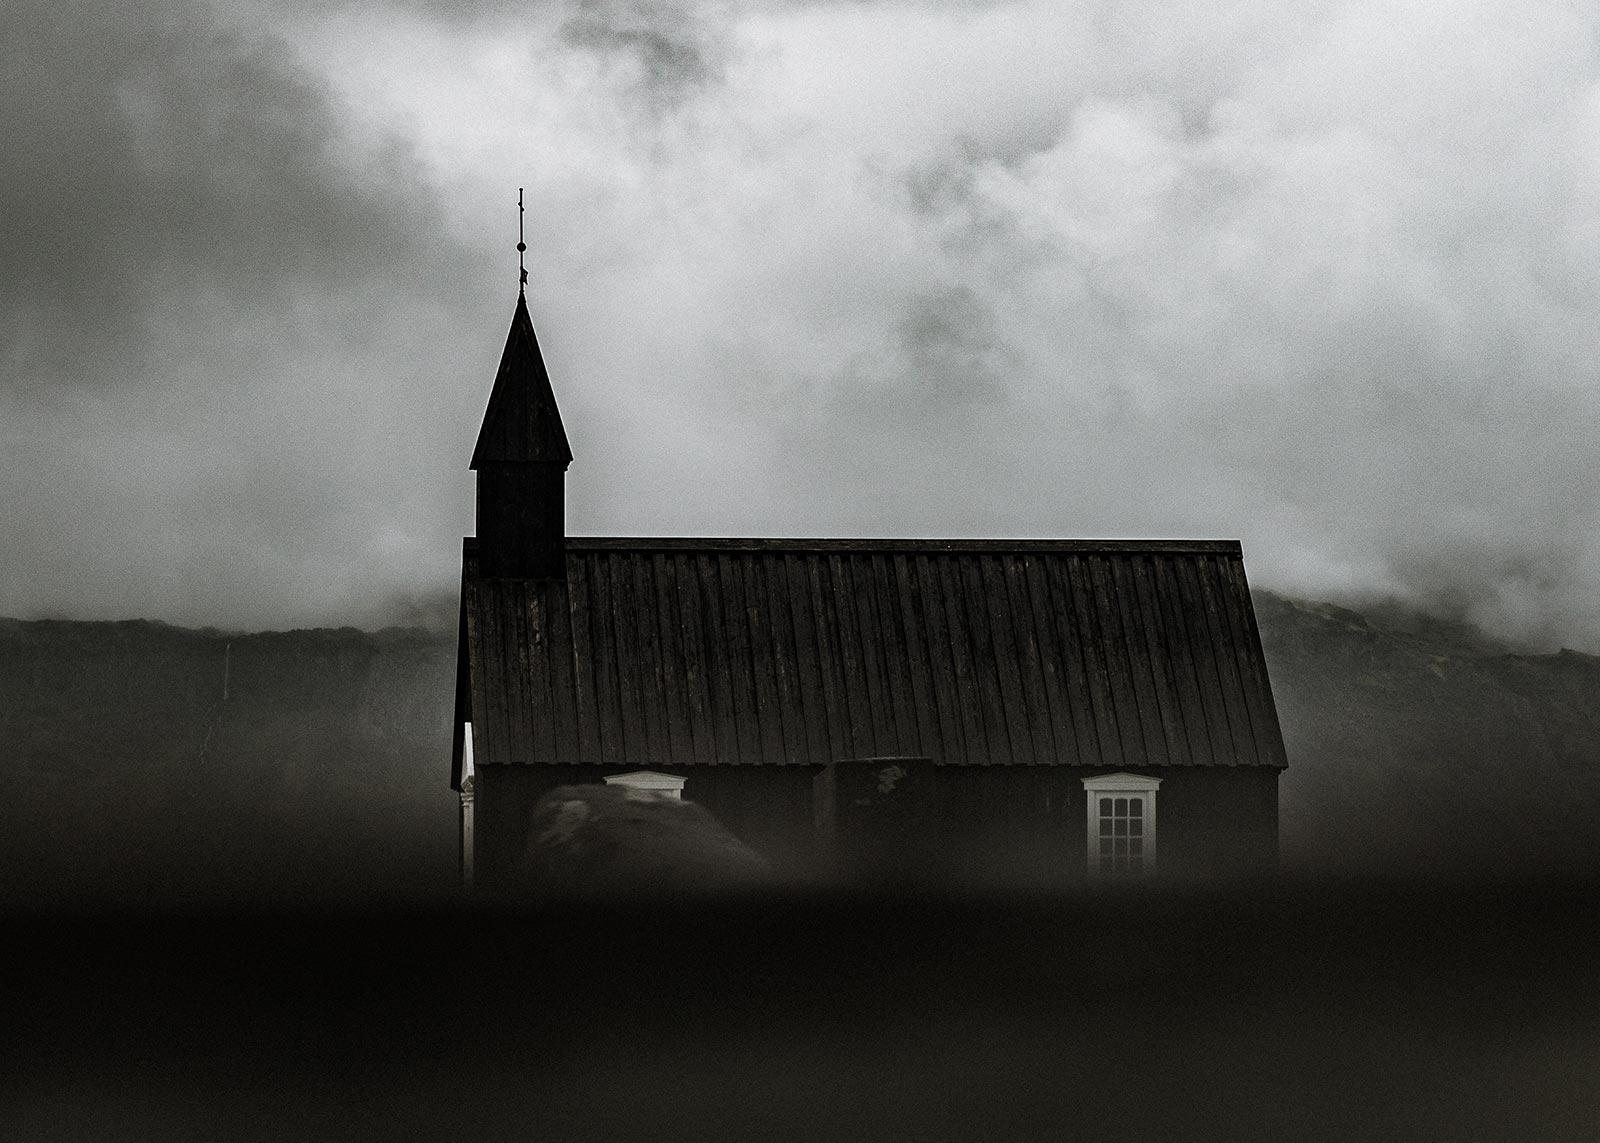 Búðakirkja the black church in Iceland